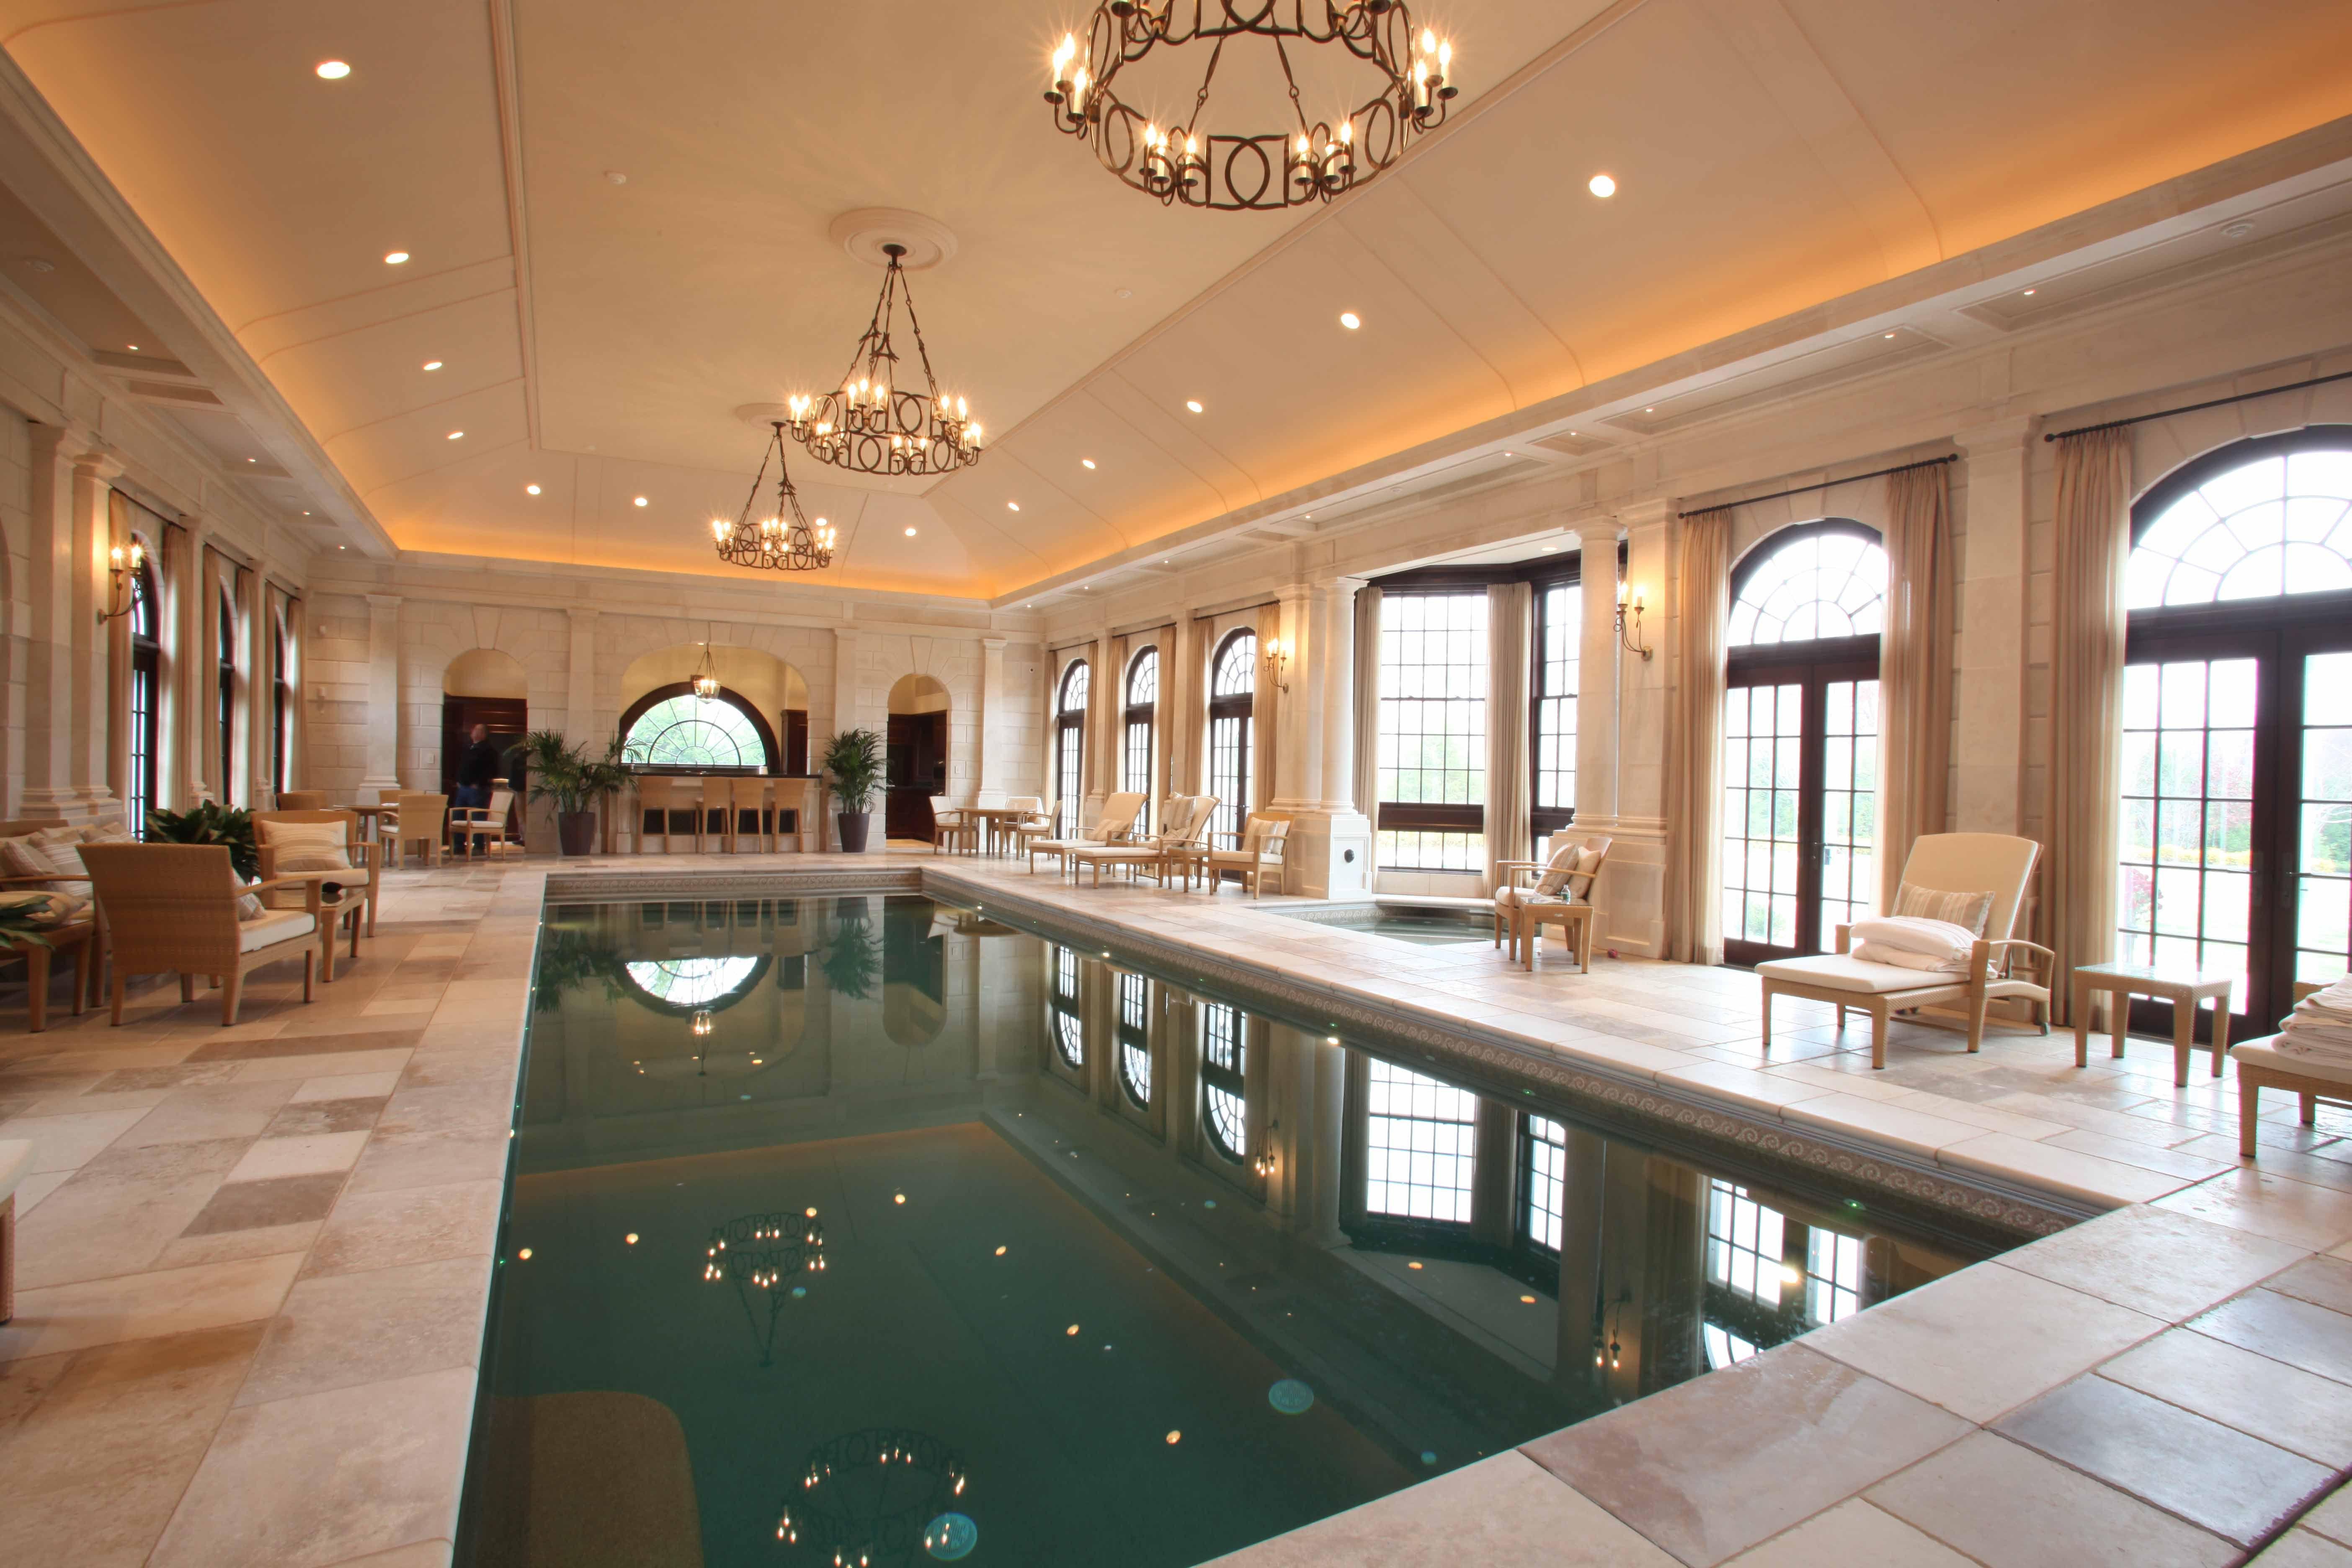 Indoor Pools Residential: Luxury Residential Indoor Pool ...